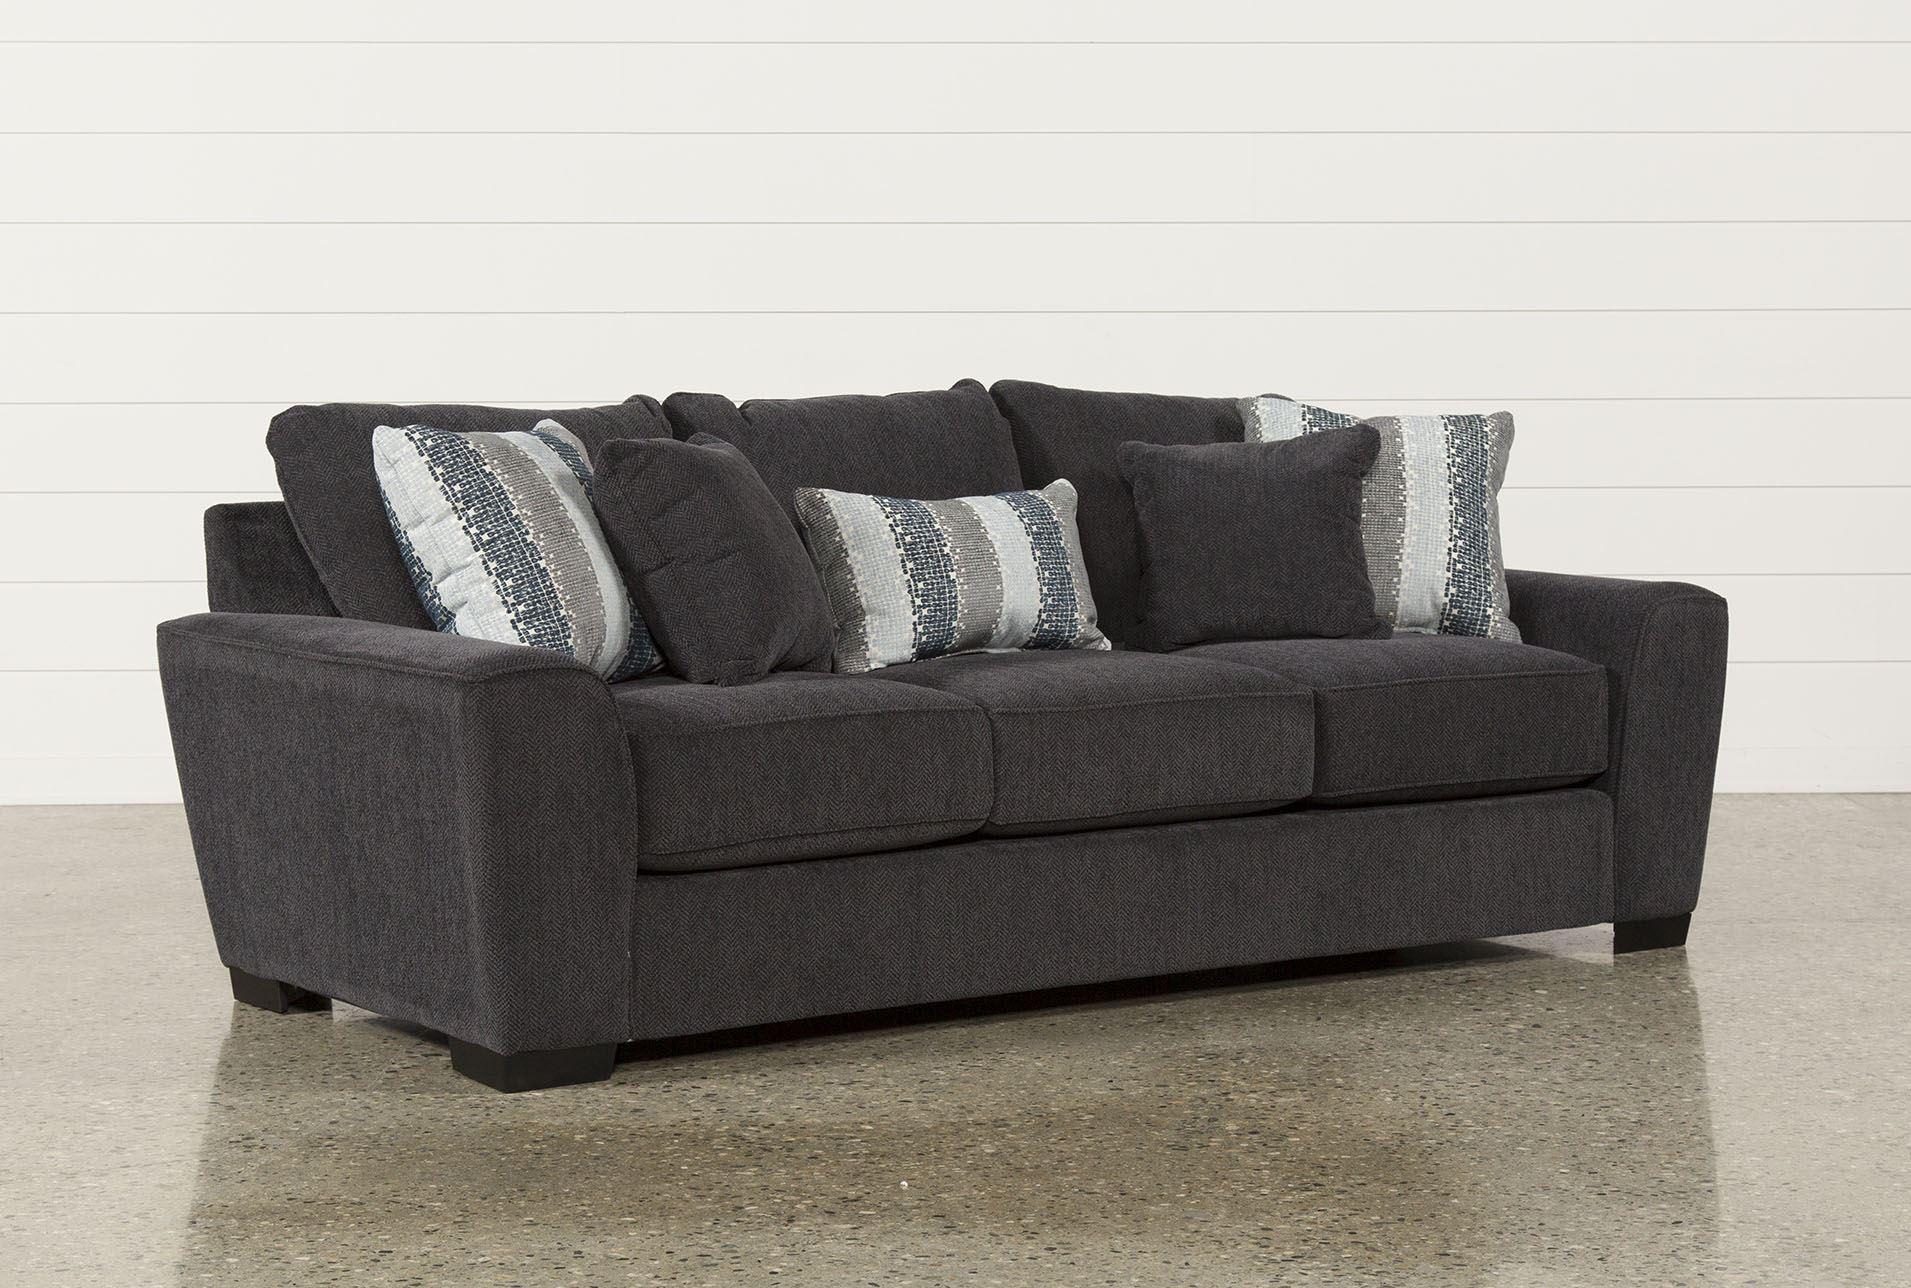 Sofas Center : Amazing Sleeper Sofa Austin Picture Concept Within Austin Sleeper Sofas (View 13 of 20)